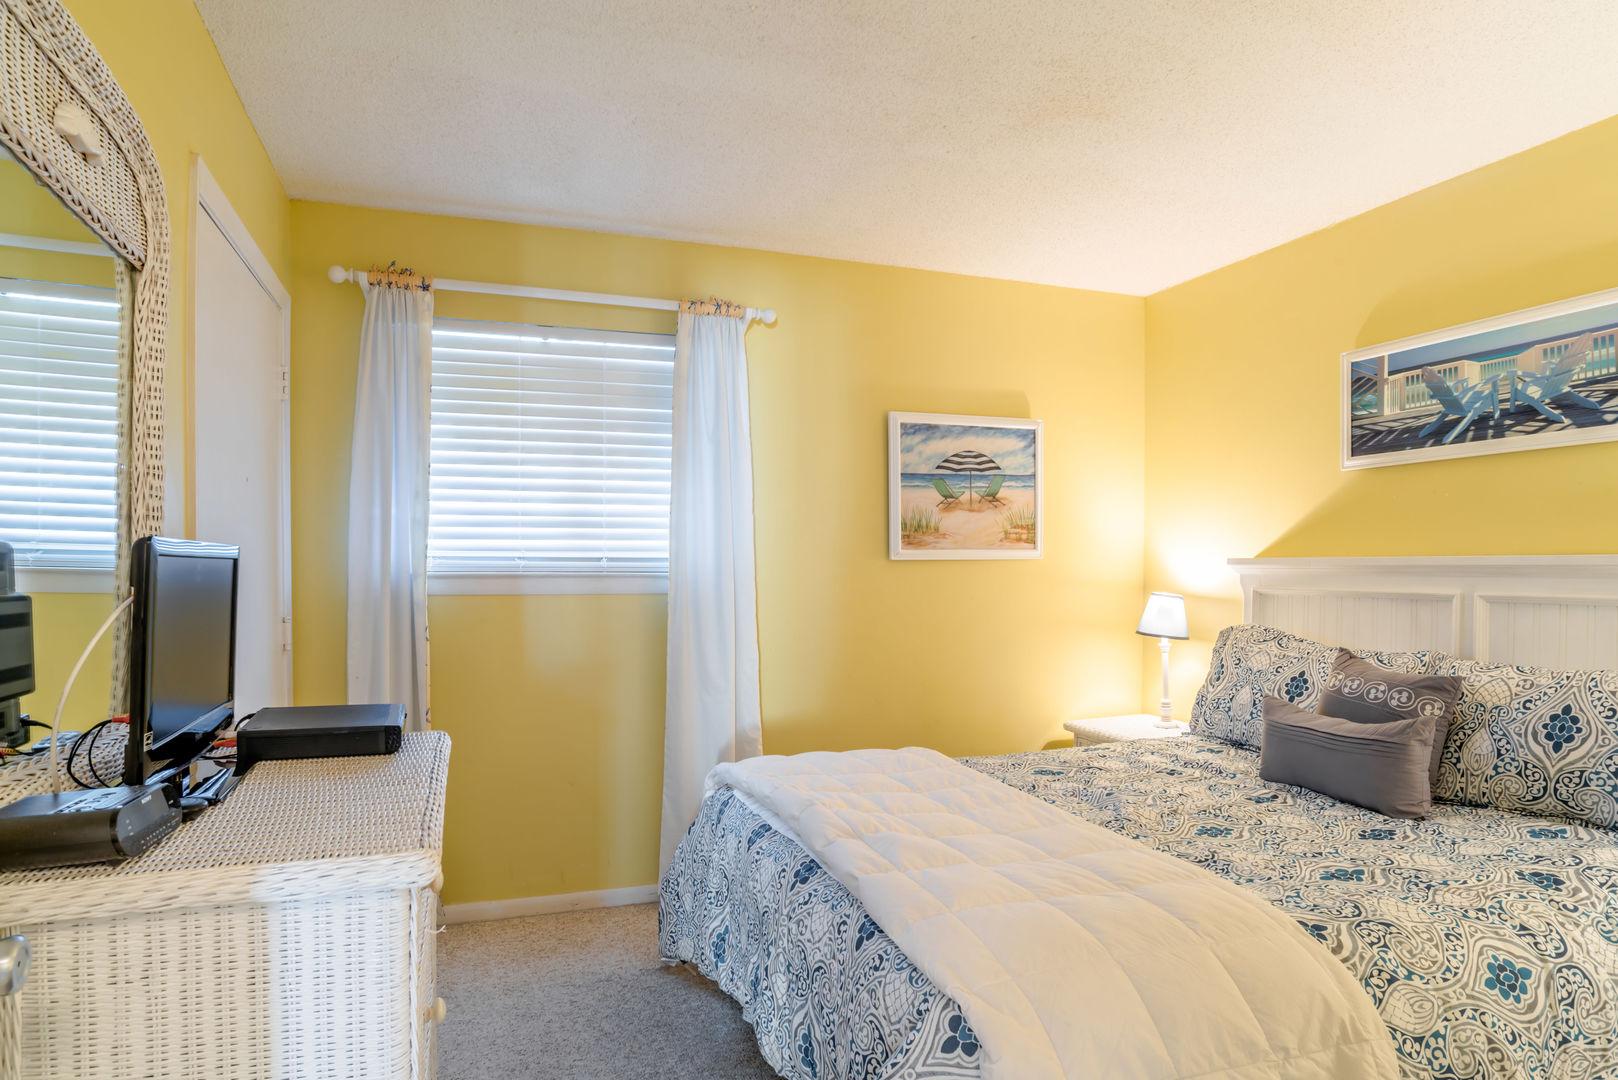 Guest Bedroom With A Queen Bed, nightstands, and vanity.